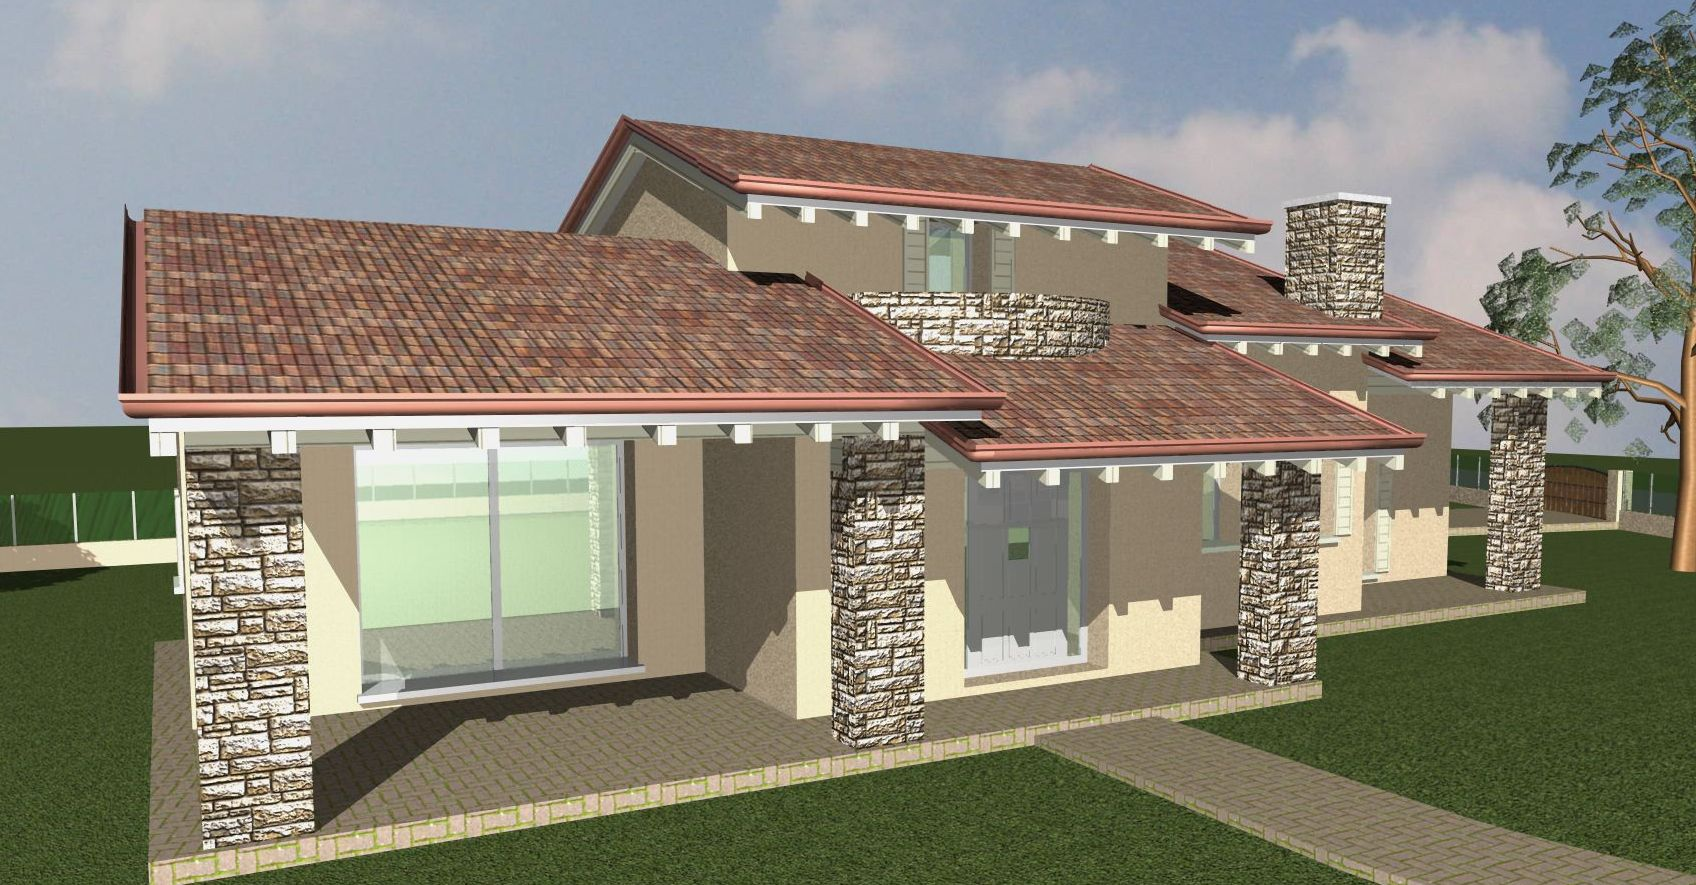 Progetto fabbricato unifamiliare progetti costruzione case for Disegni di ville